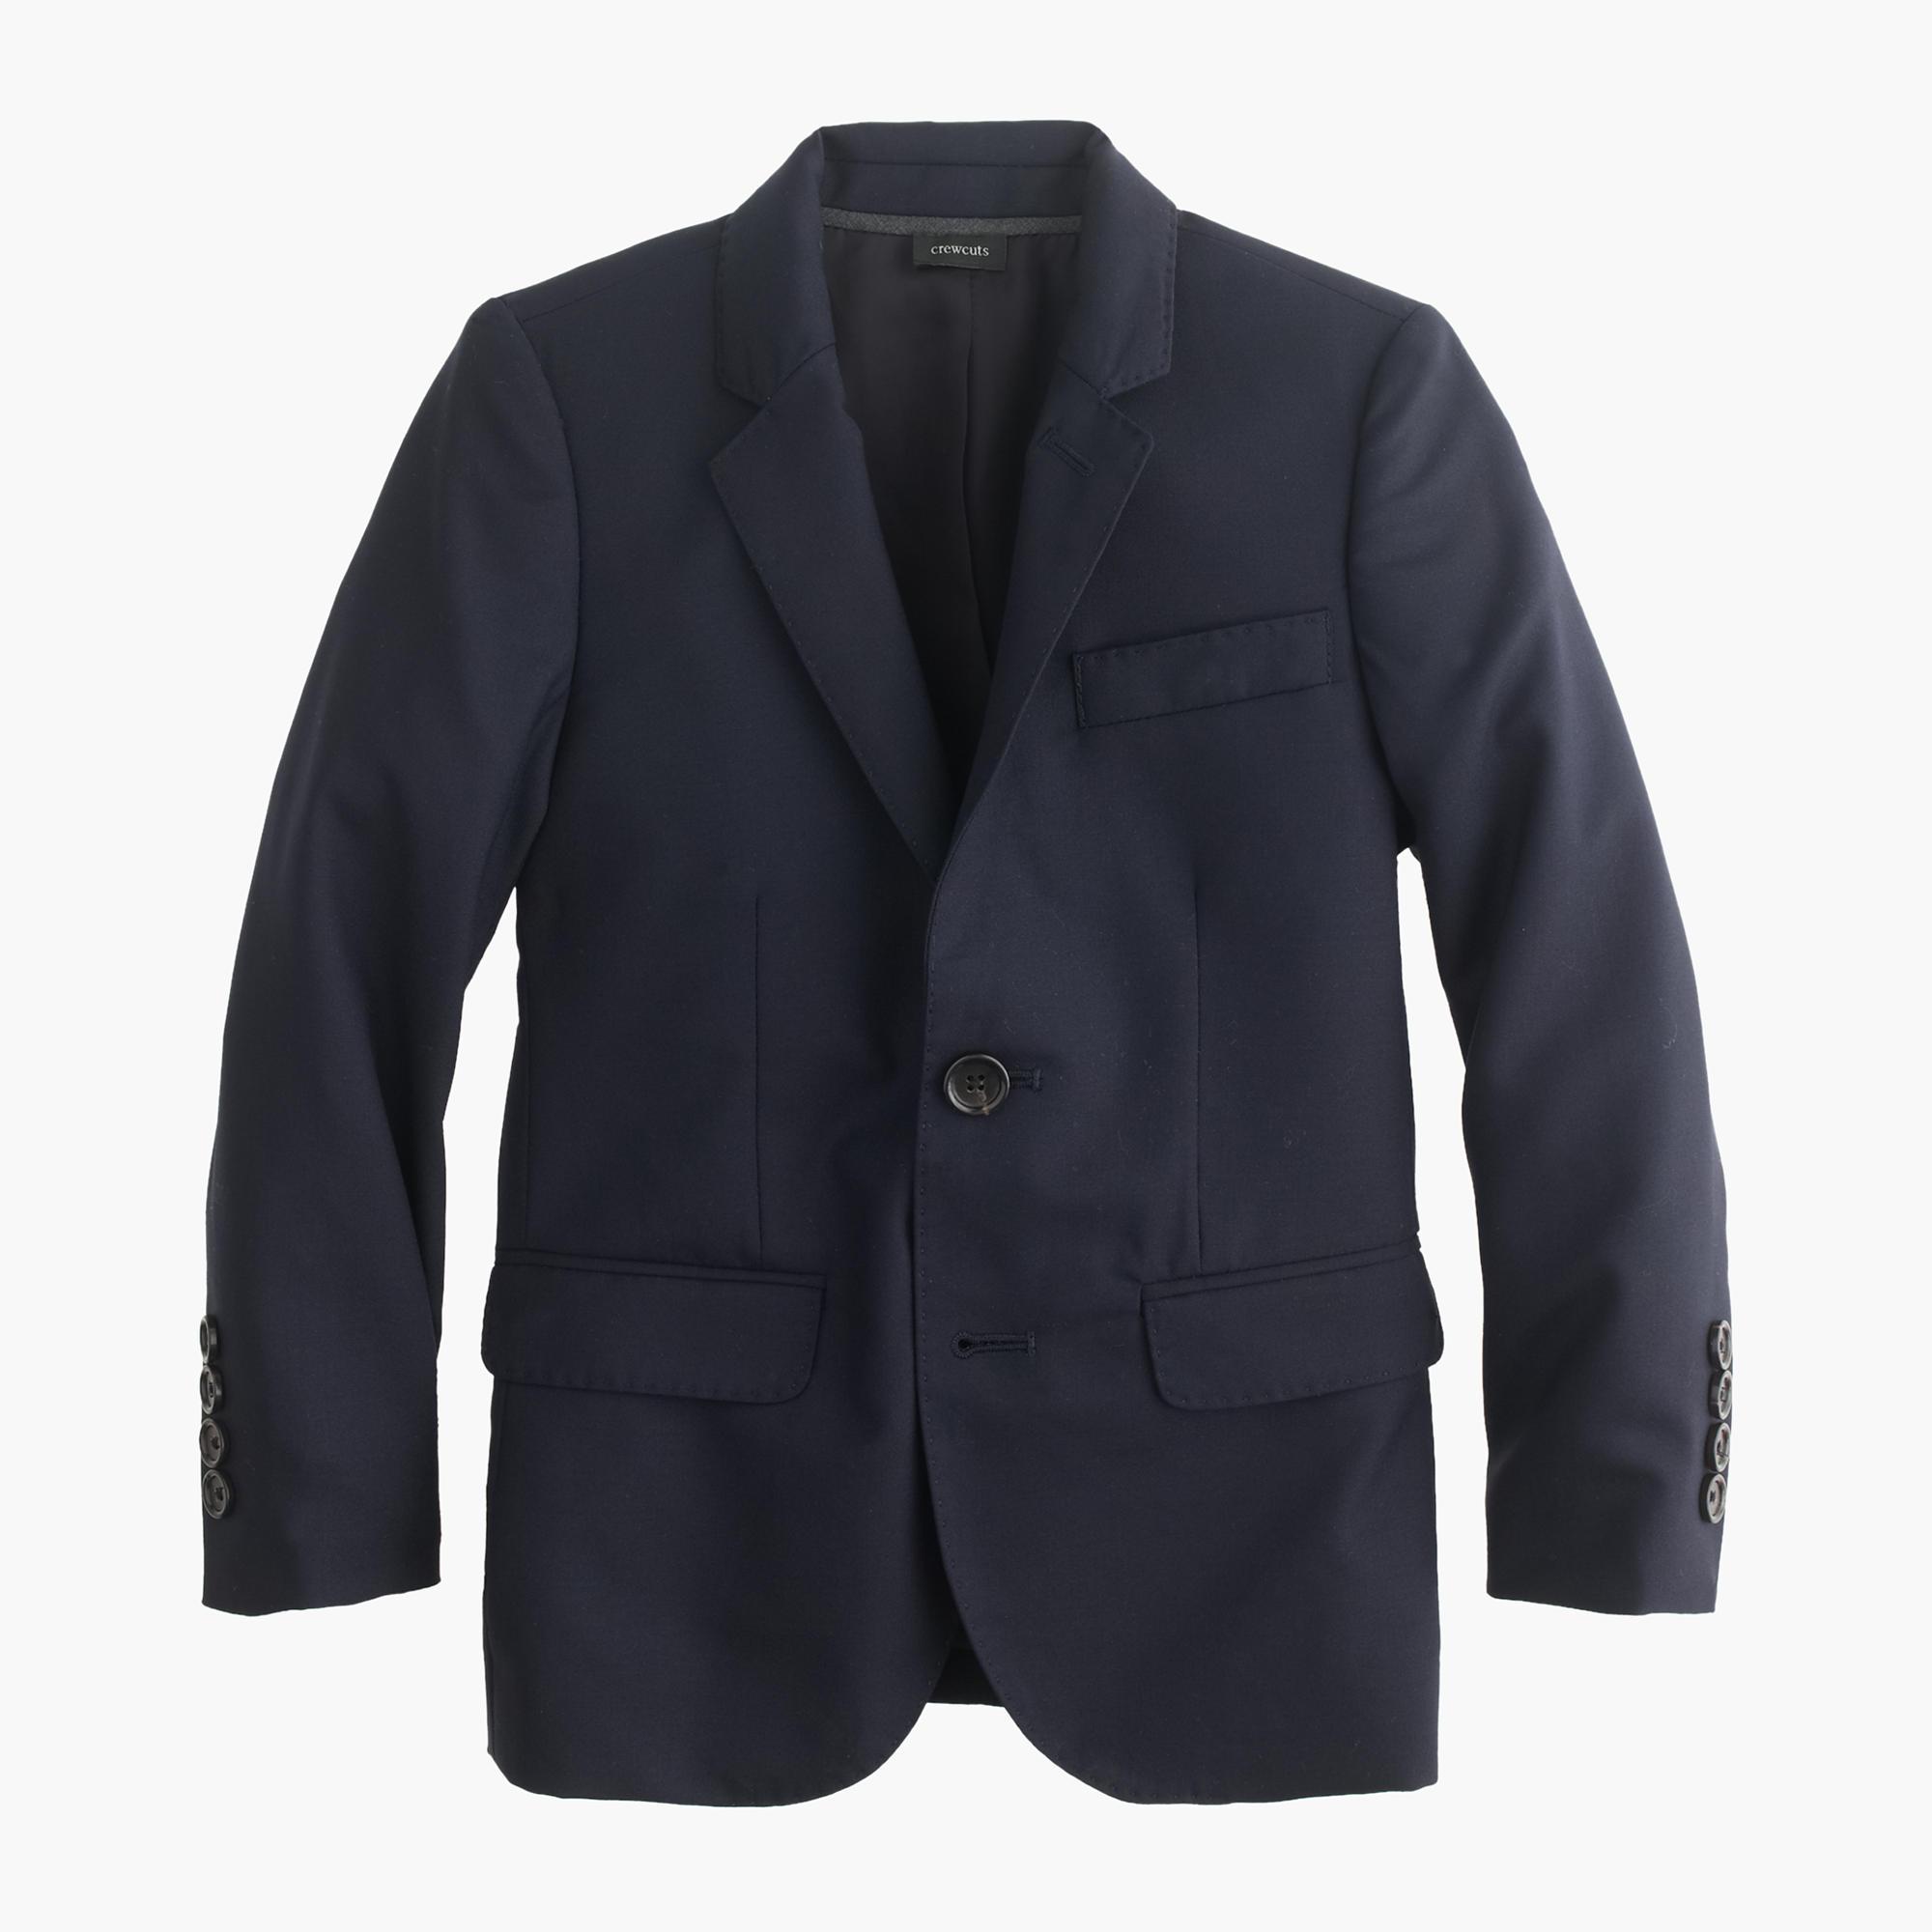 Suit jacket -  Boys Ludlow Suit Jacket In Italian Wool